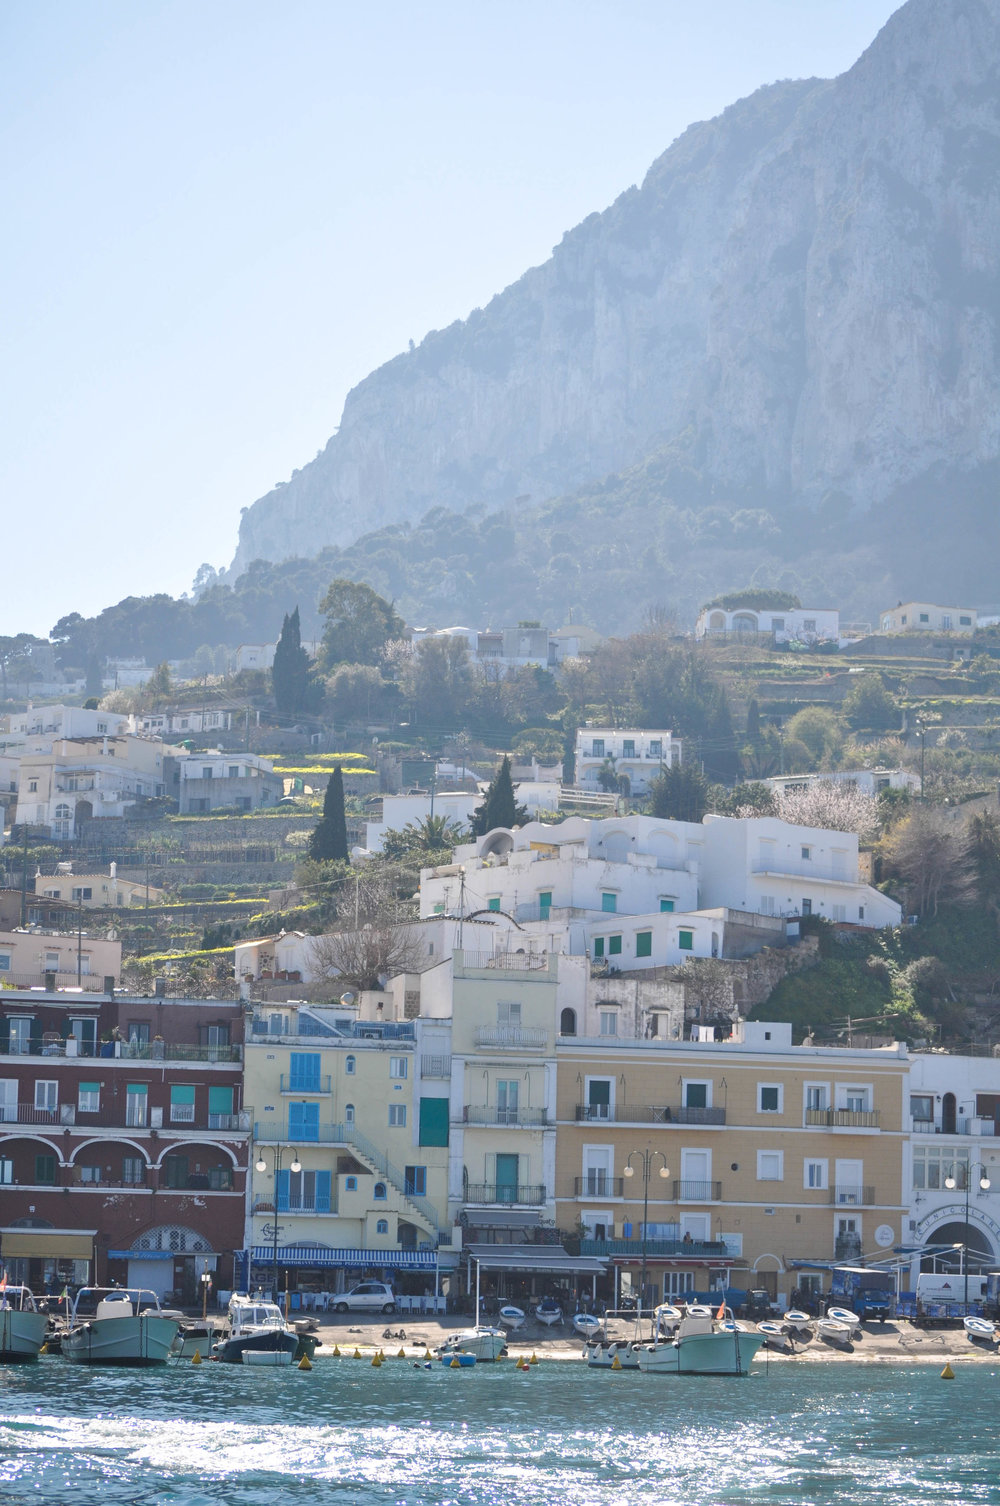 AmalfiCapriPompeii-12.jpg